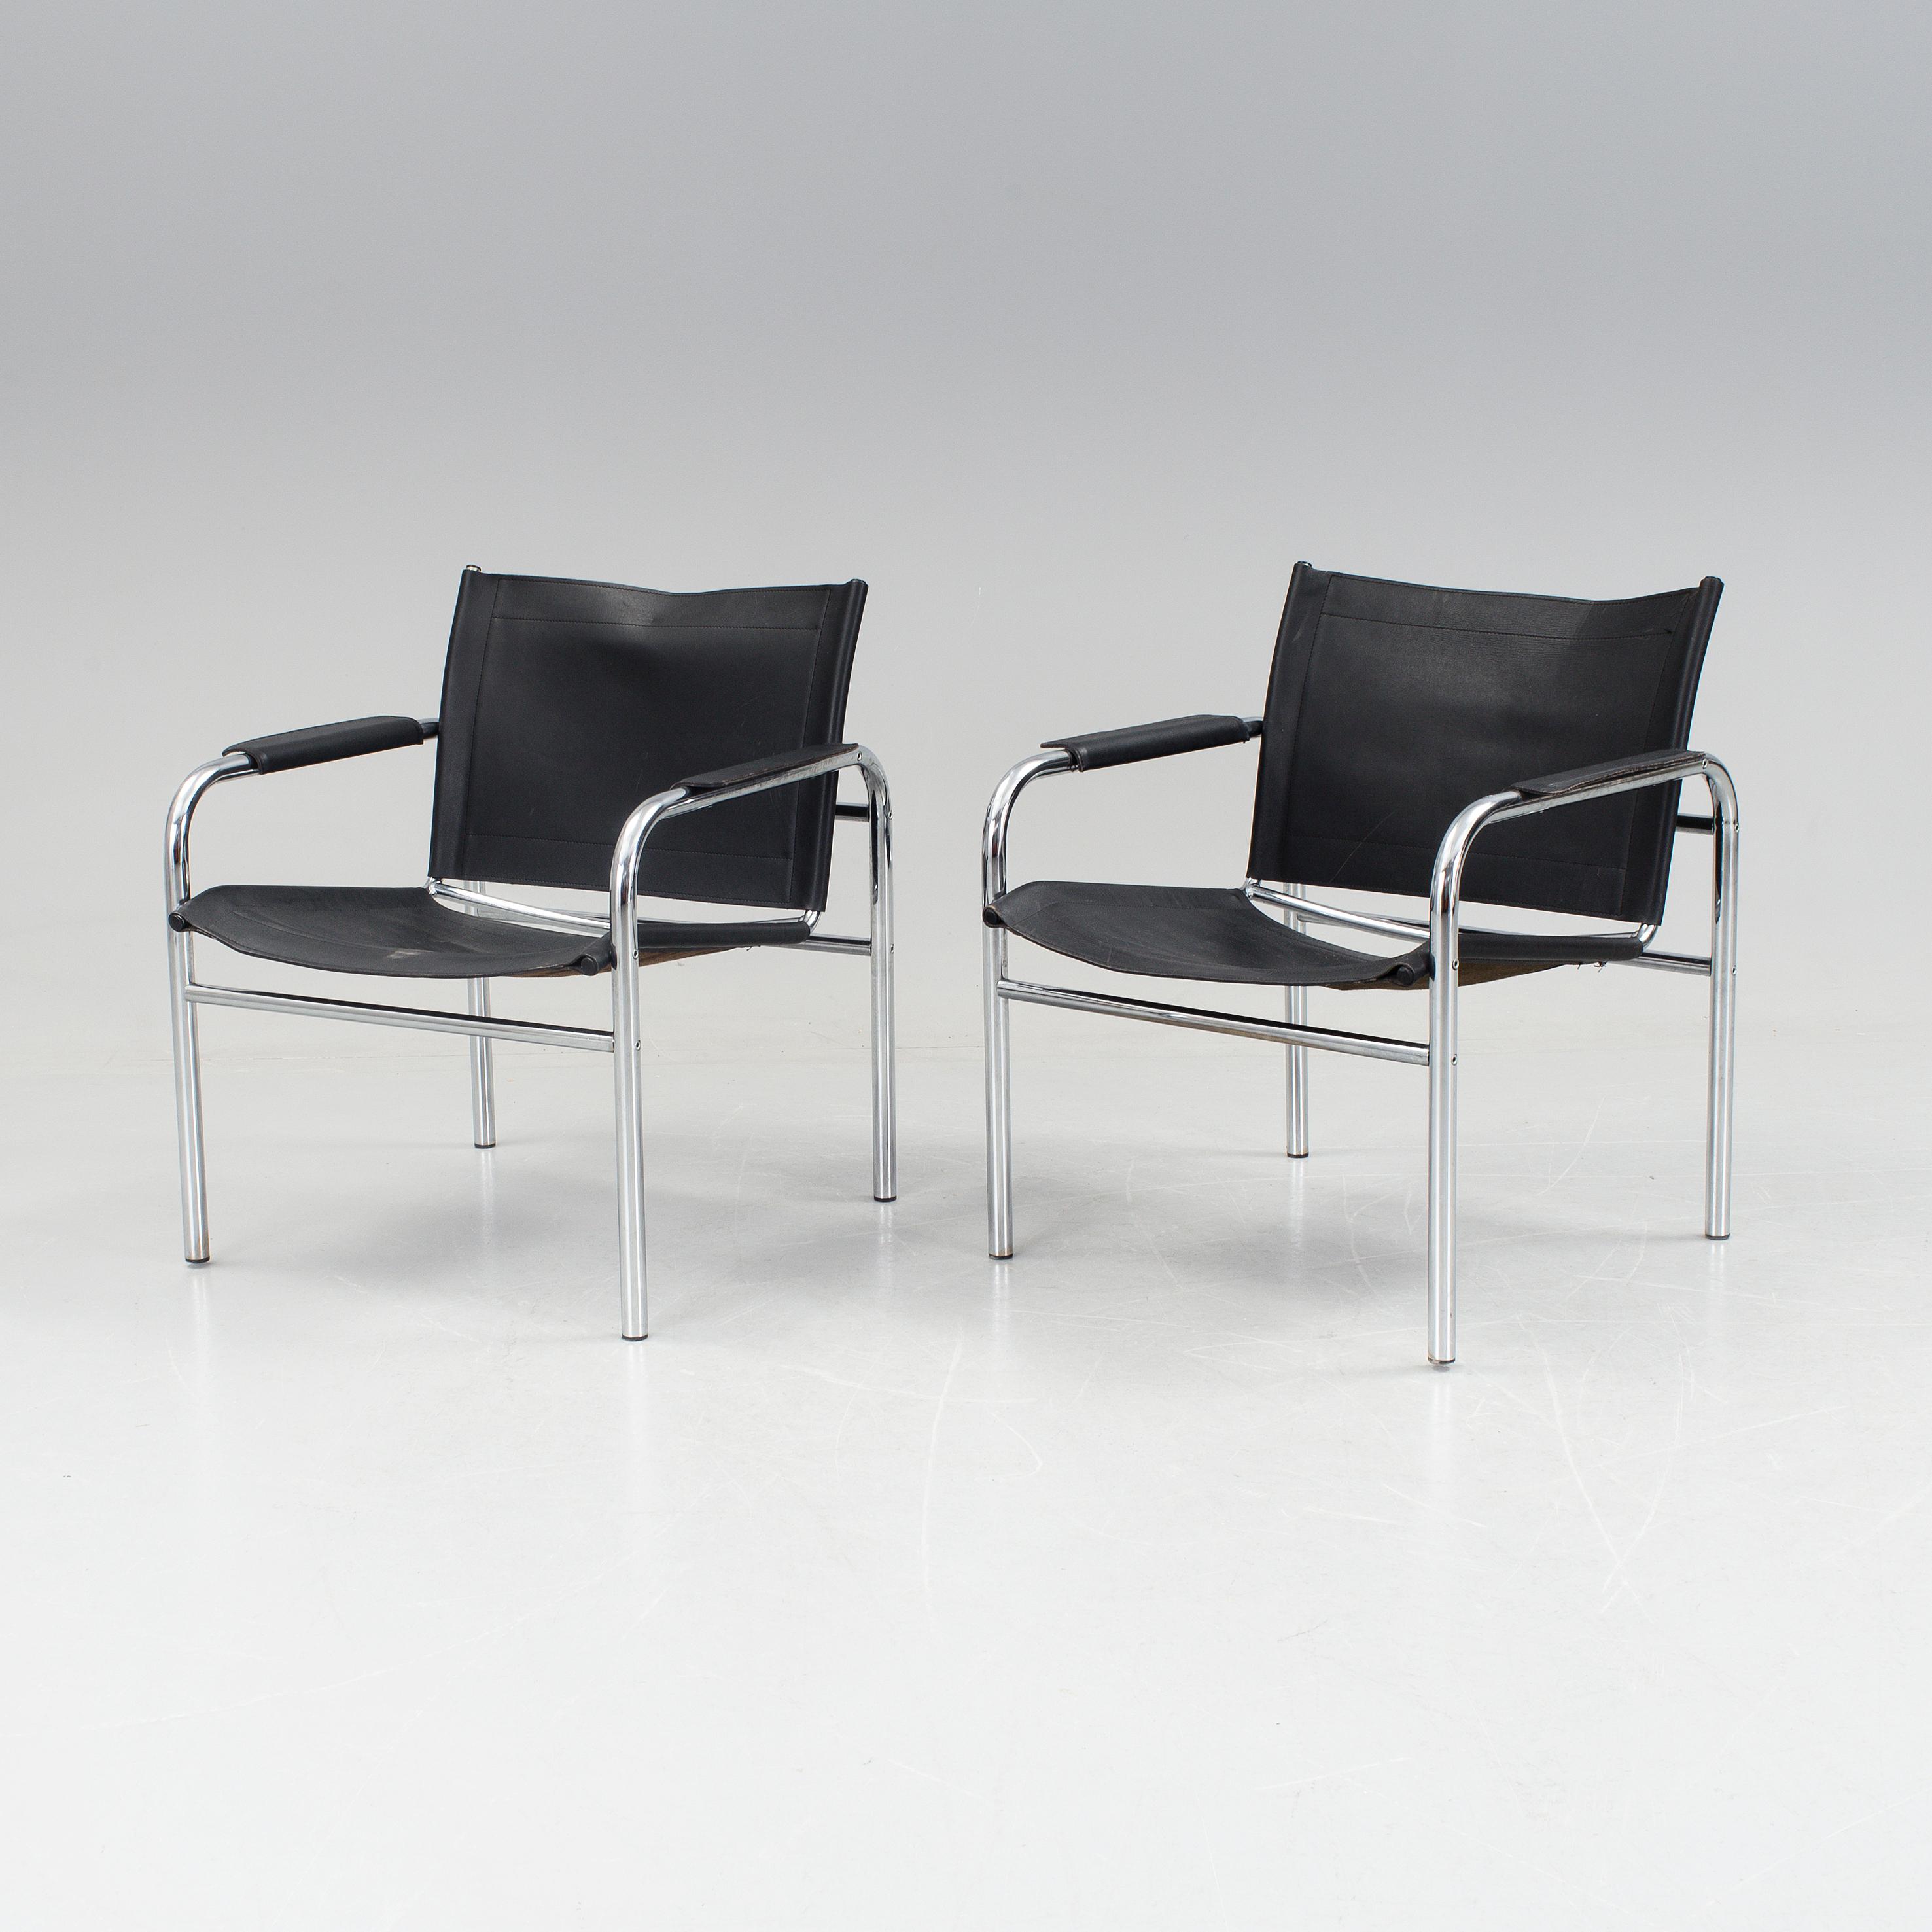 Auktion | Fåtöljer Klinte Tord Björklund IKEA | Stockholms